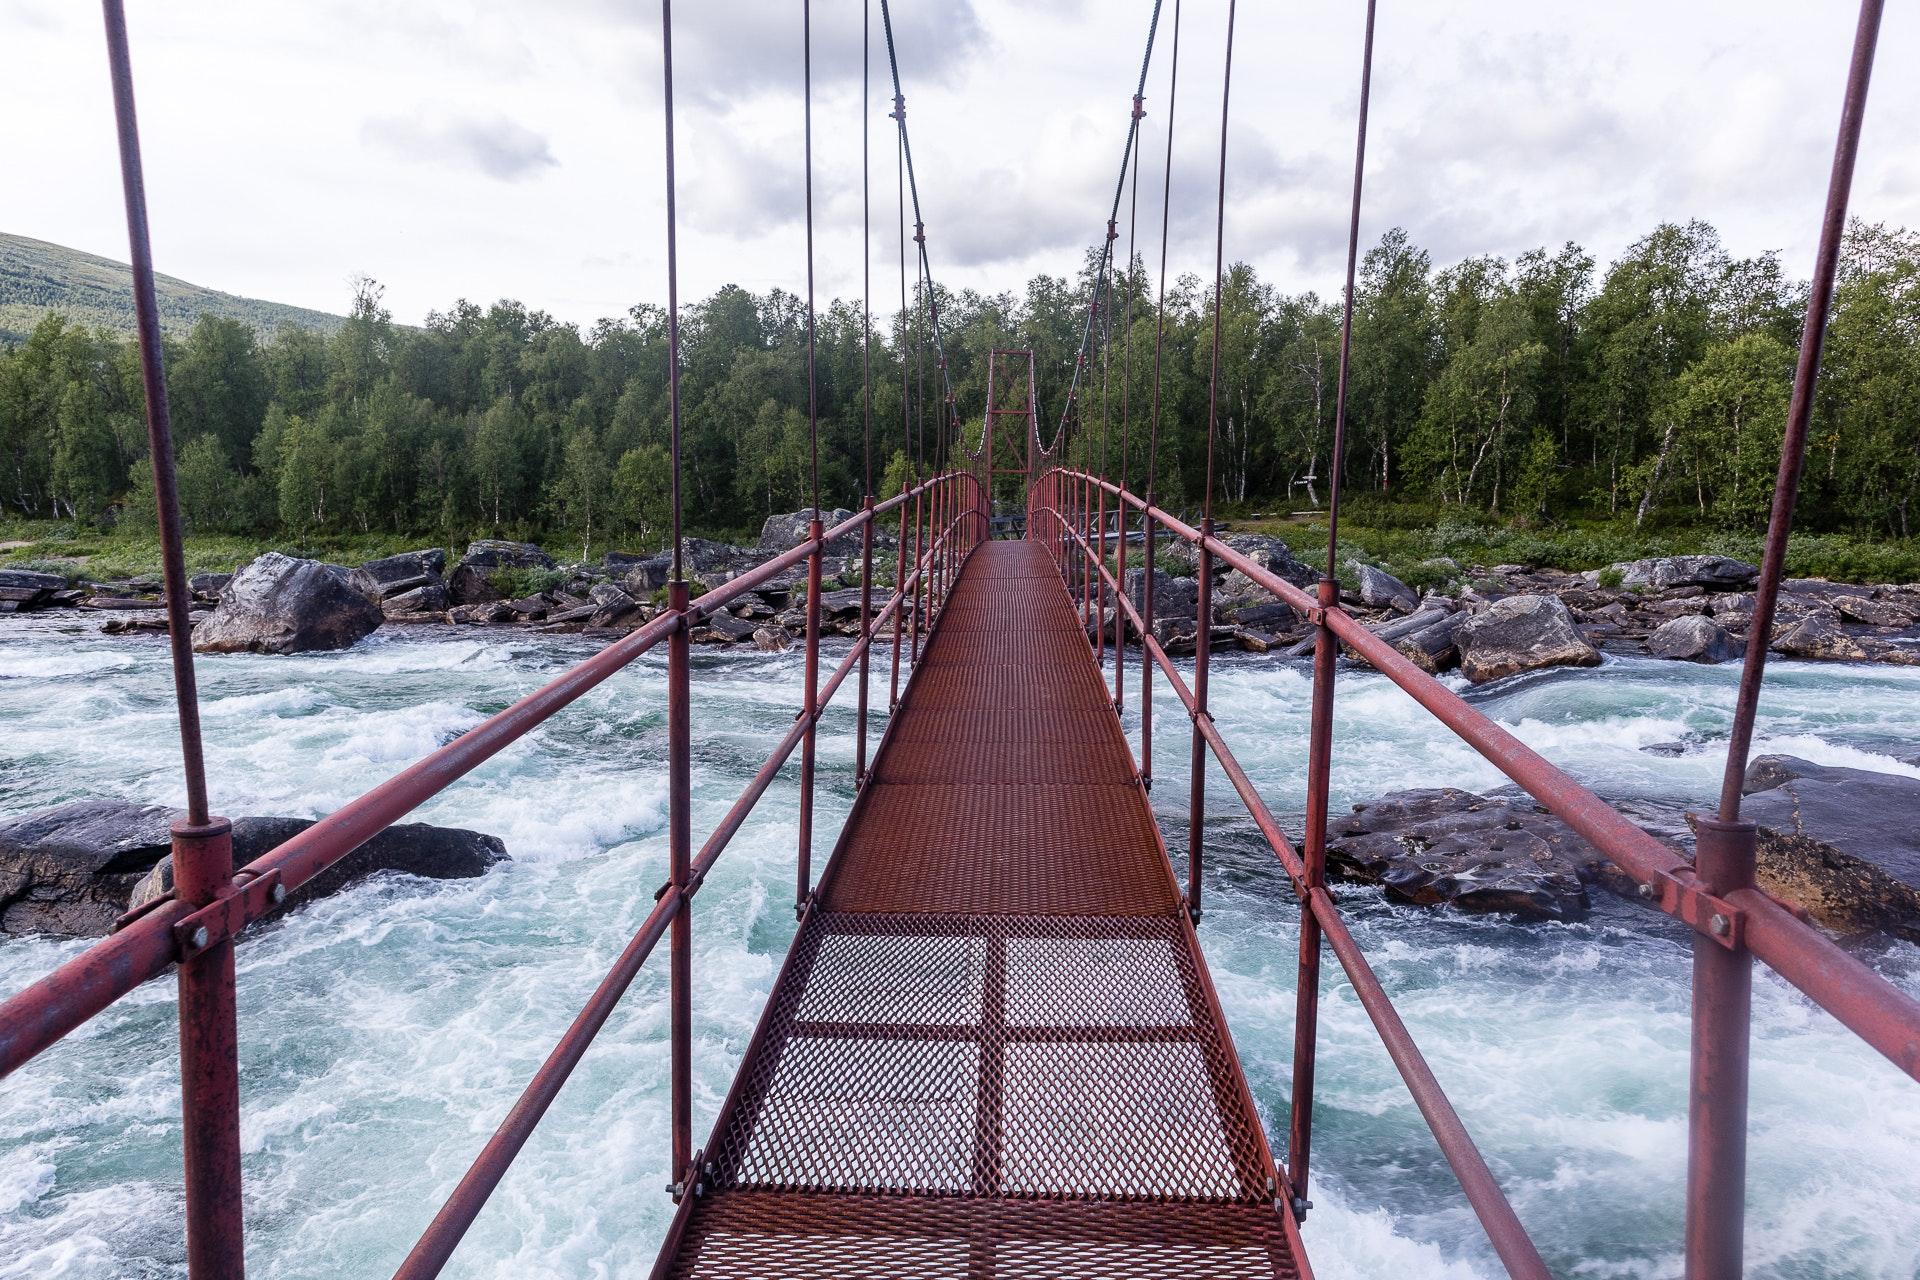 Laisälven Bridge